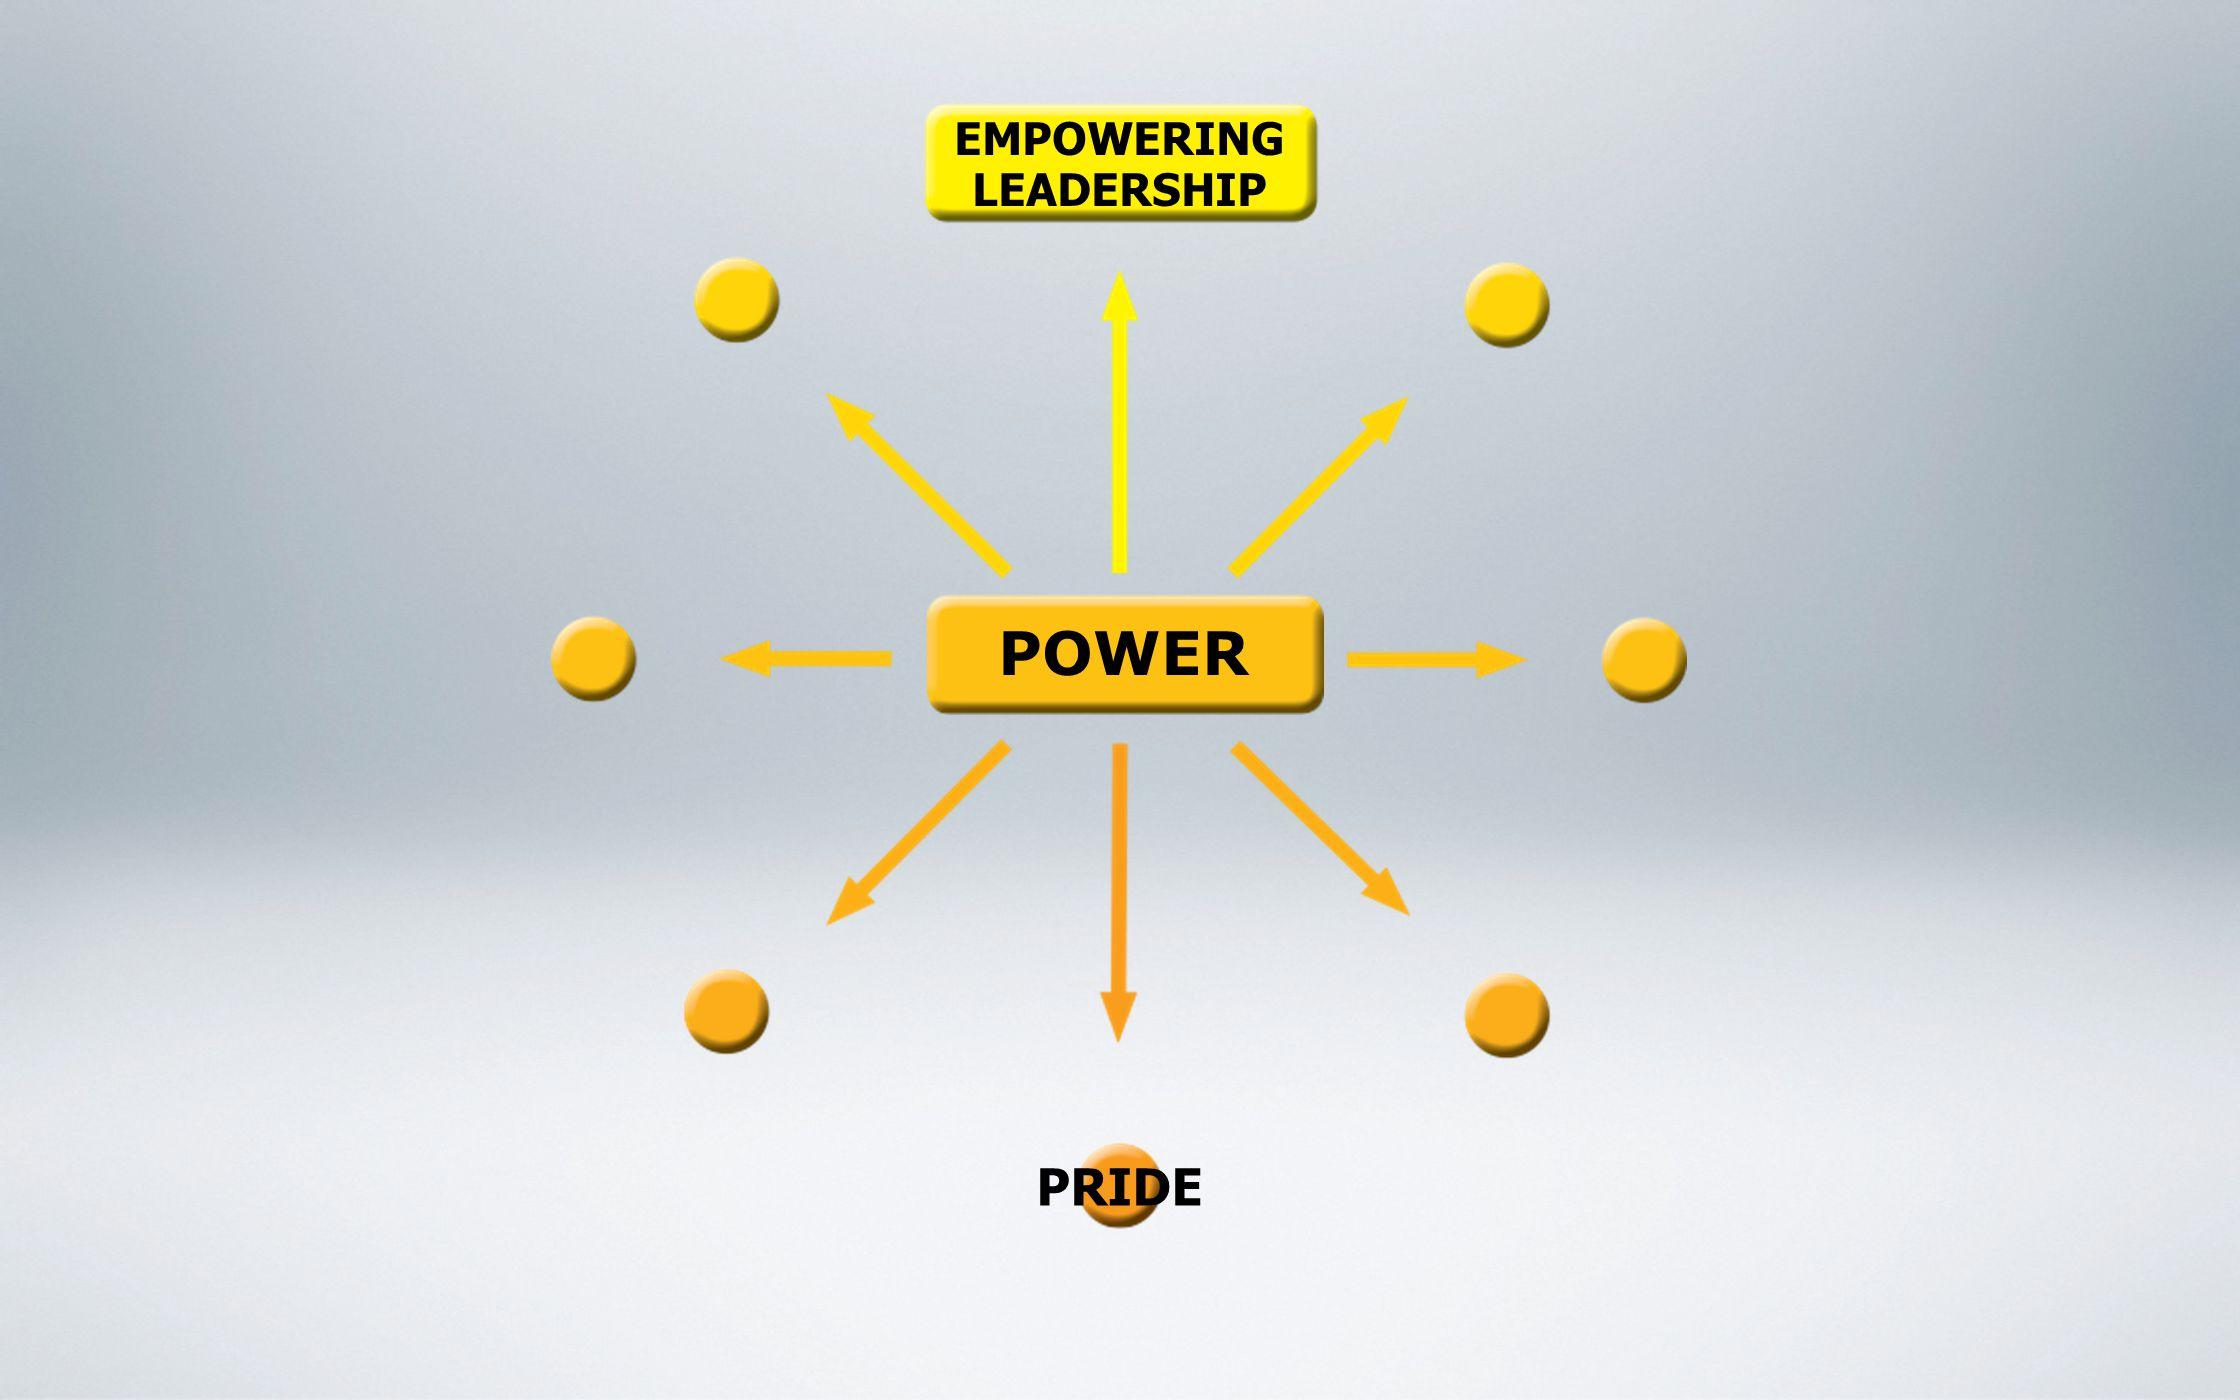 EMPOWERING LEADERSHIP PRIDE POWER